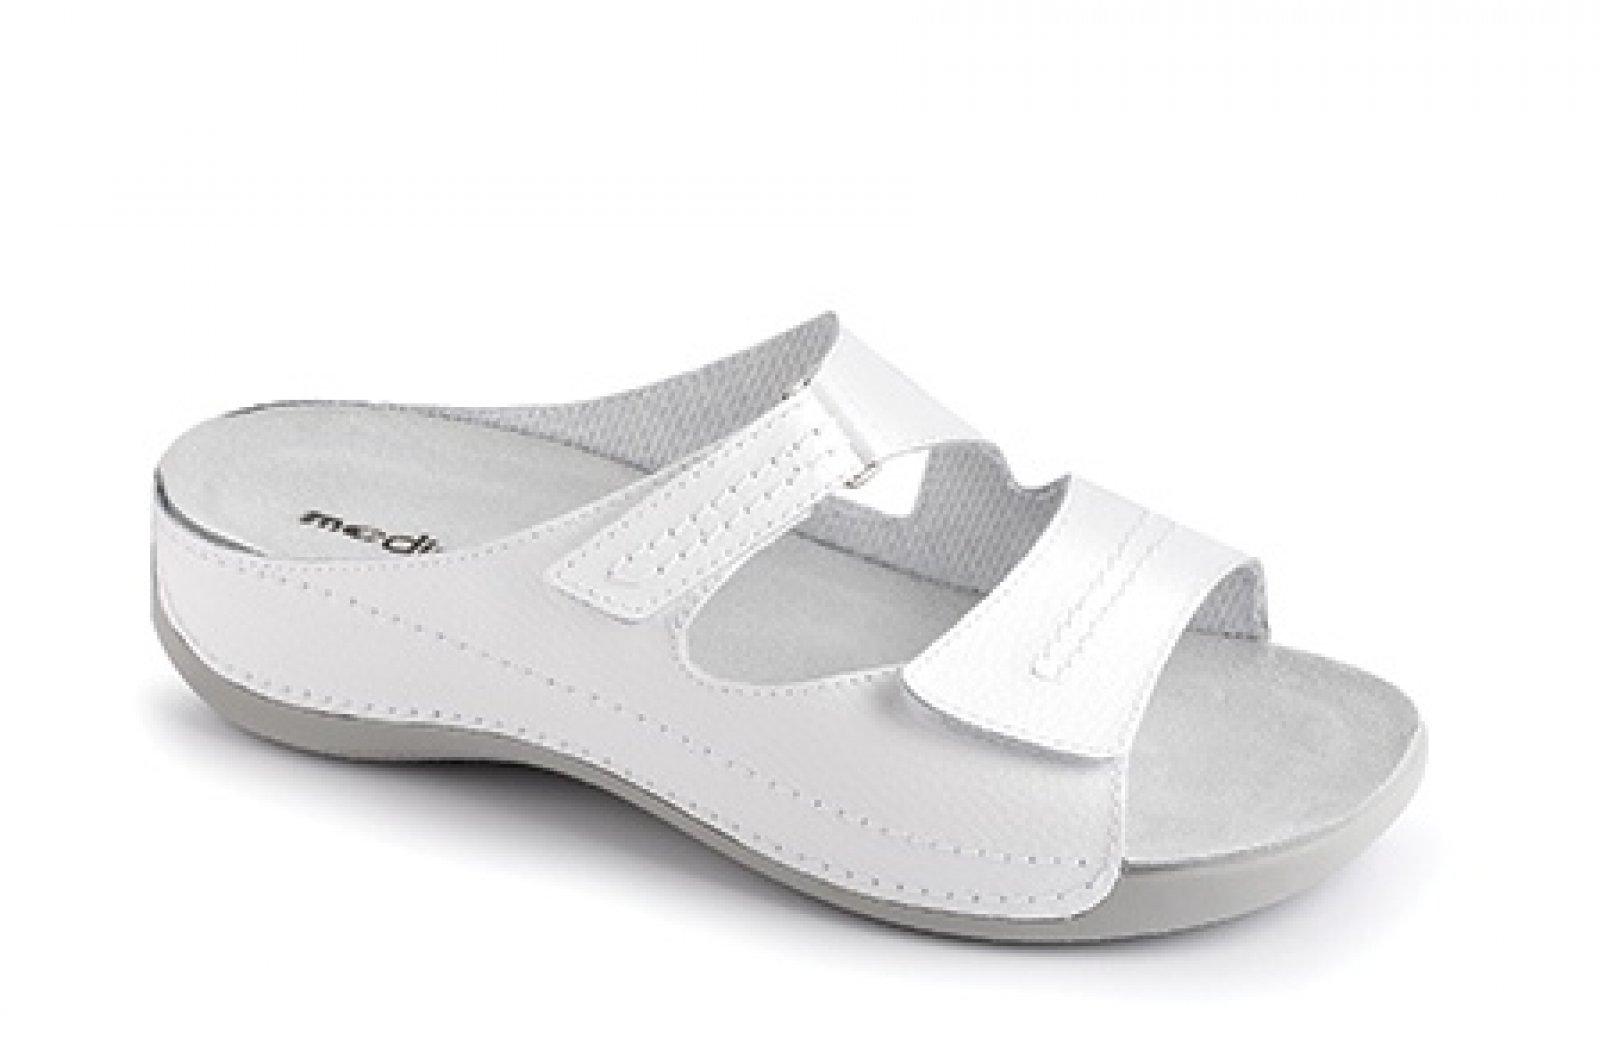 411d0a4fe73 dámské pantofle Medistyle Šárka bílé - KARS